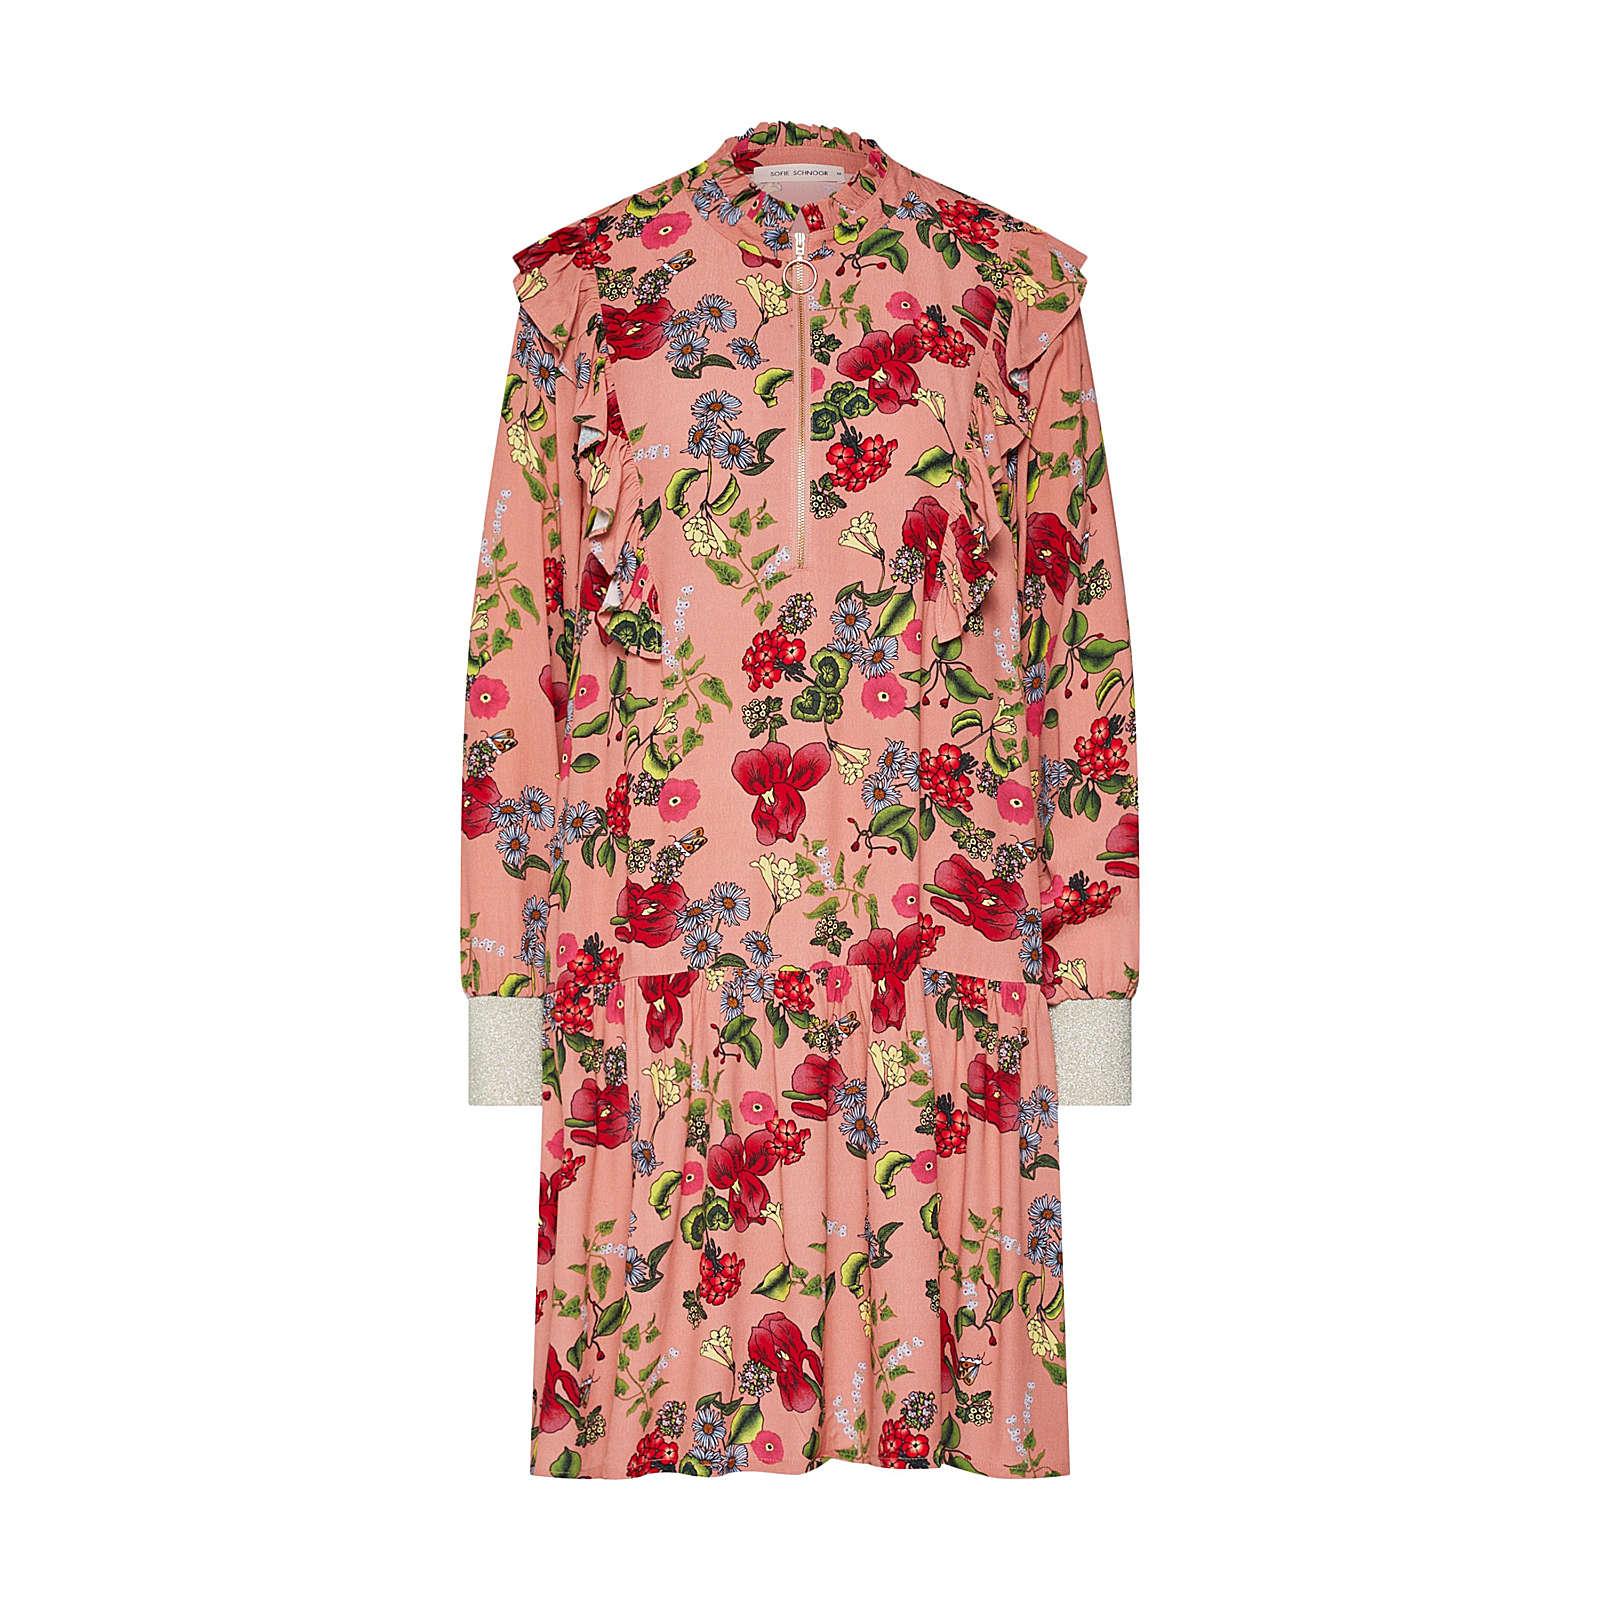 Sofie Schnoor Blusenkleid Blusenkleider rosa Damen Gr. 34